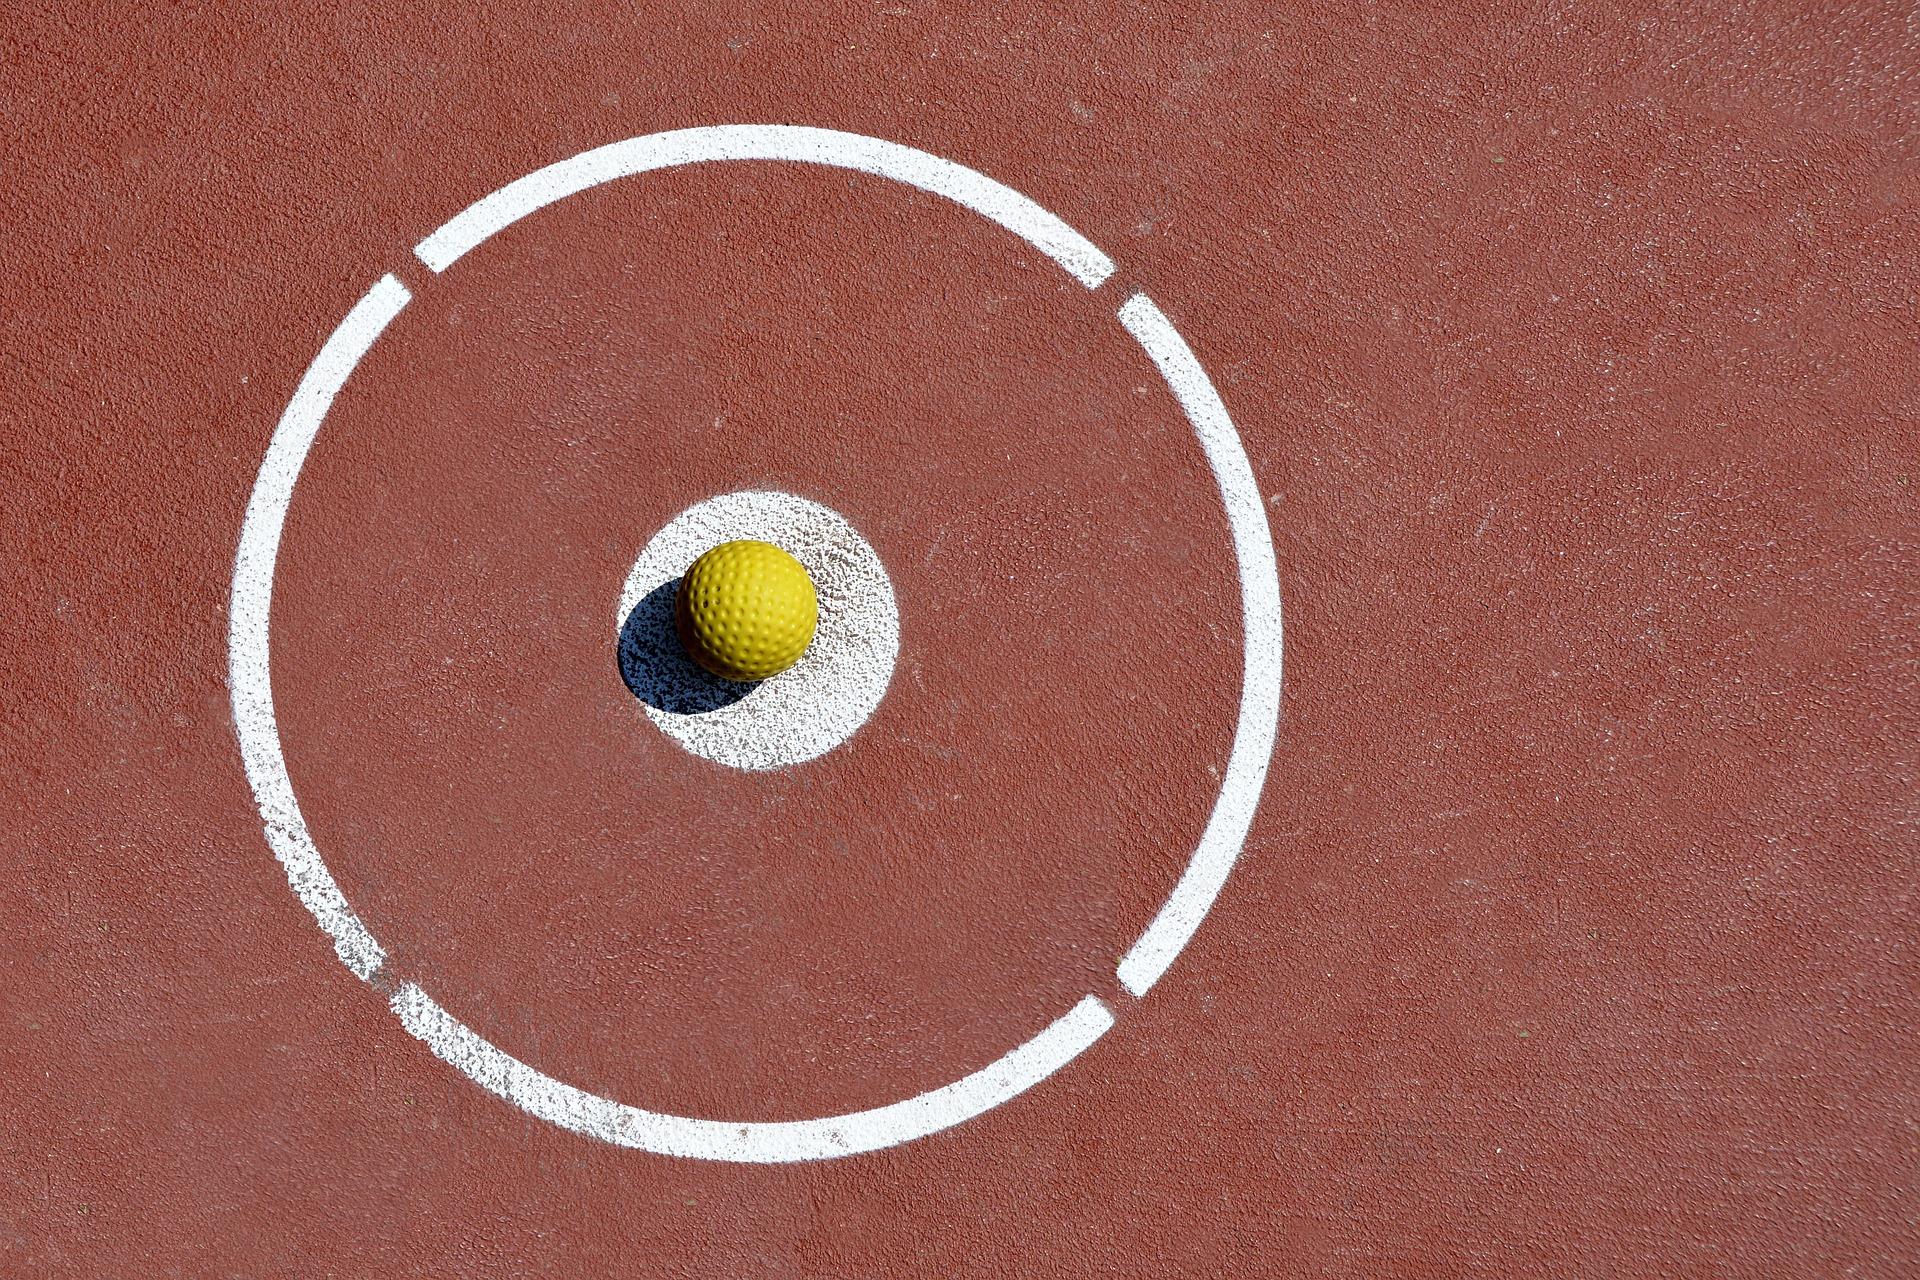 Minigolf – tulevaisuuden kilpaurheilulaji?